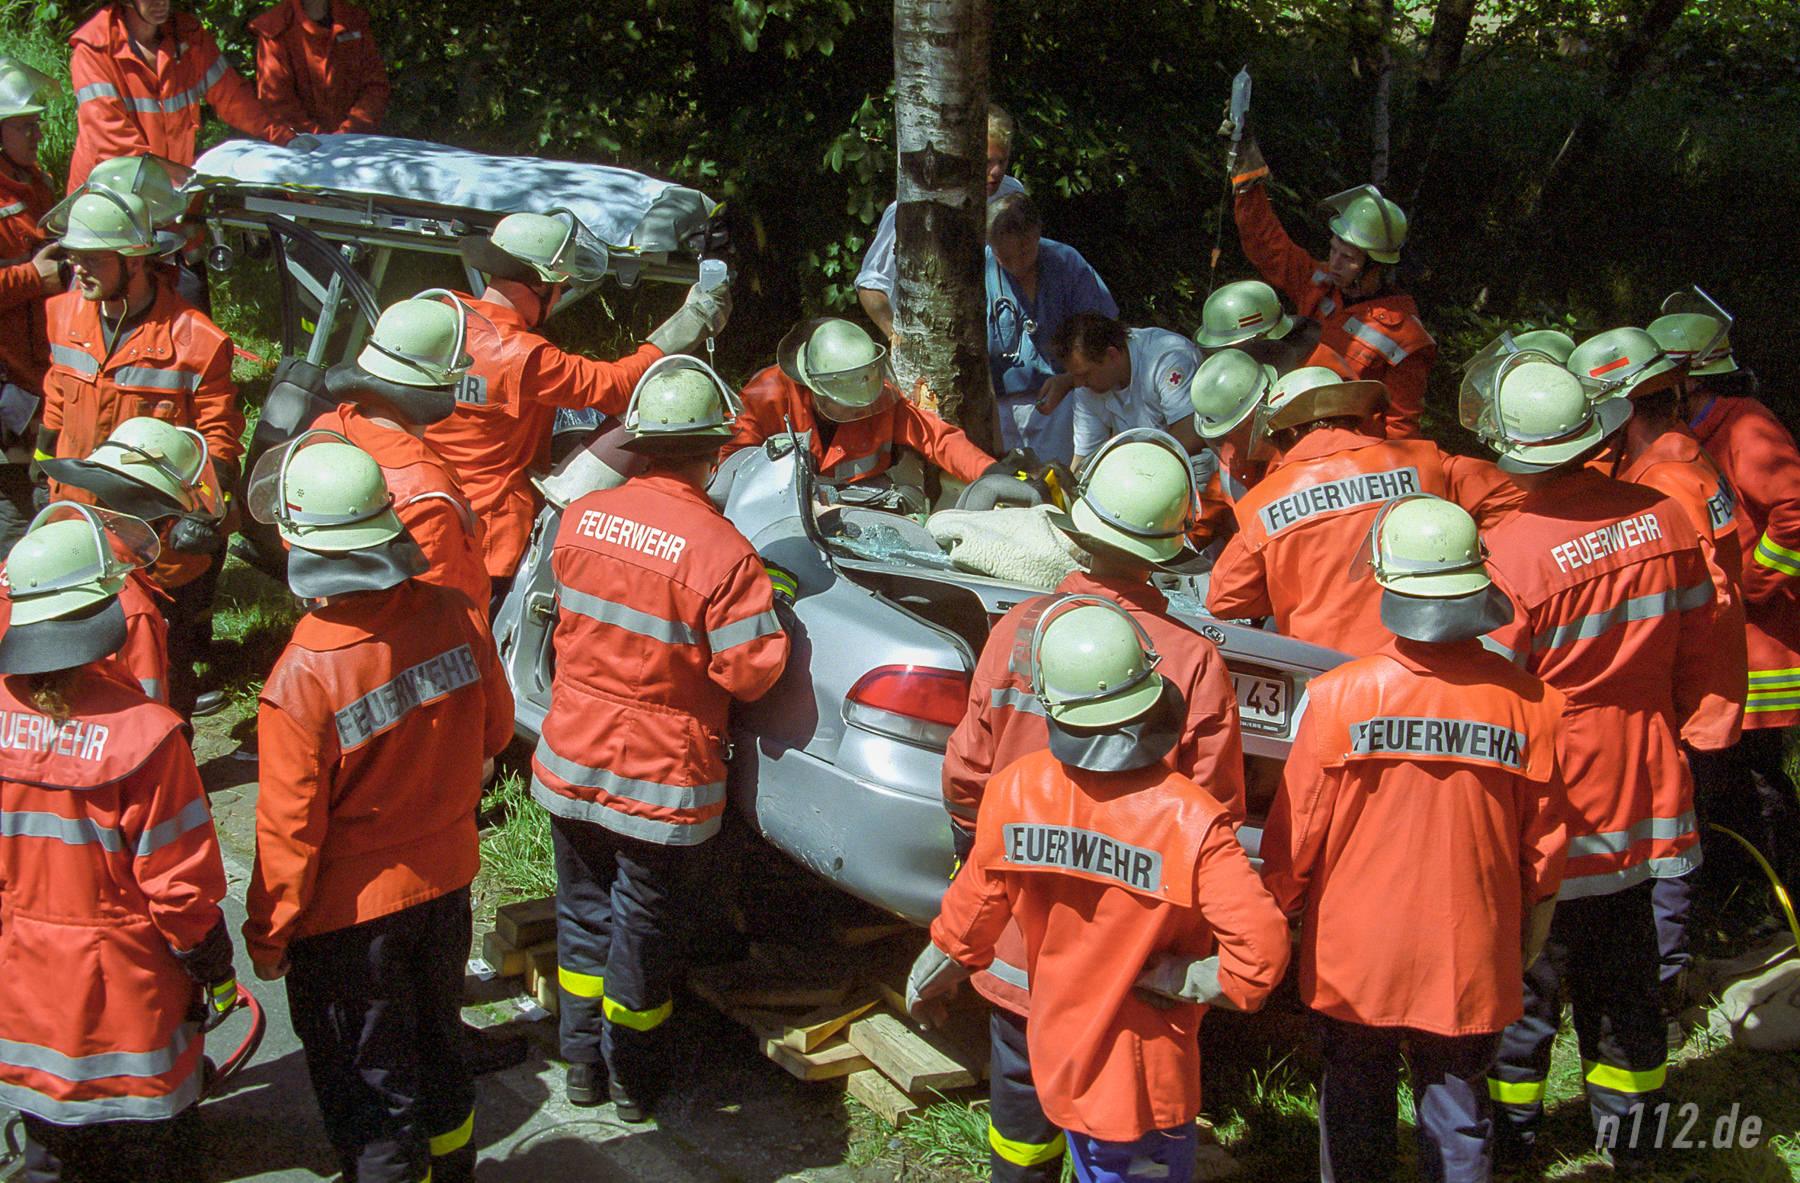 Viele Helfer am Auto: Rettungsarbeiten um das Jahr 1999 herum im Landkreis Harburg (vom Negativ gescannt) (Foto: n112.de/Stefan Simonsen)